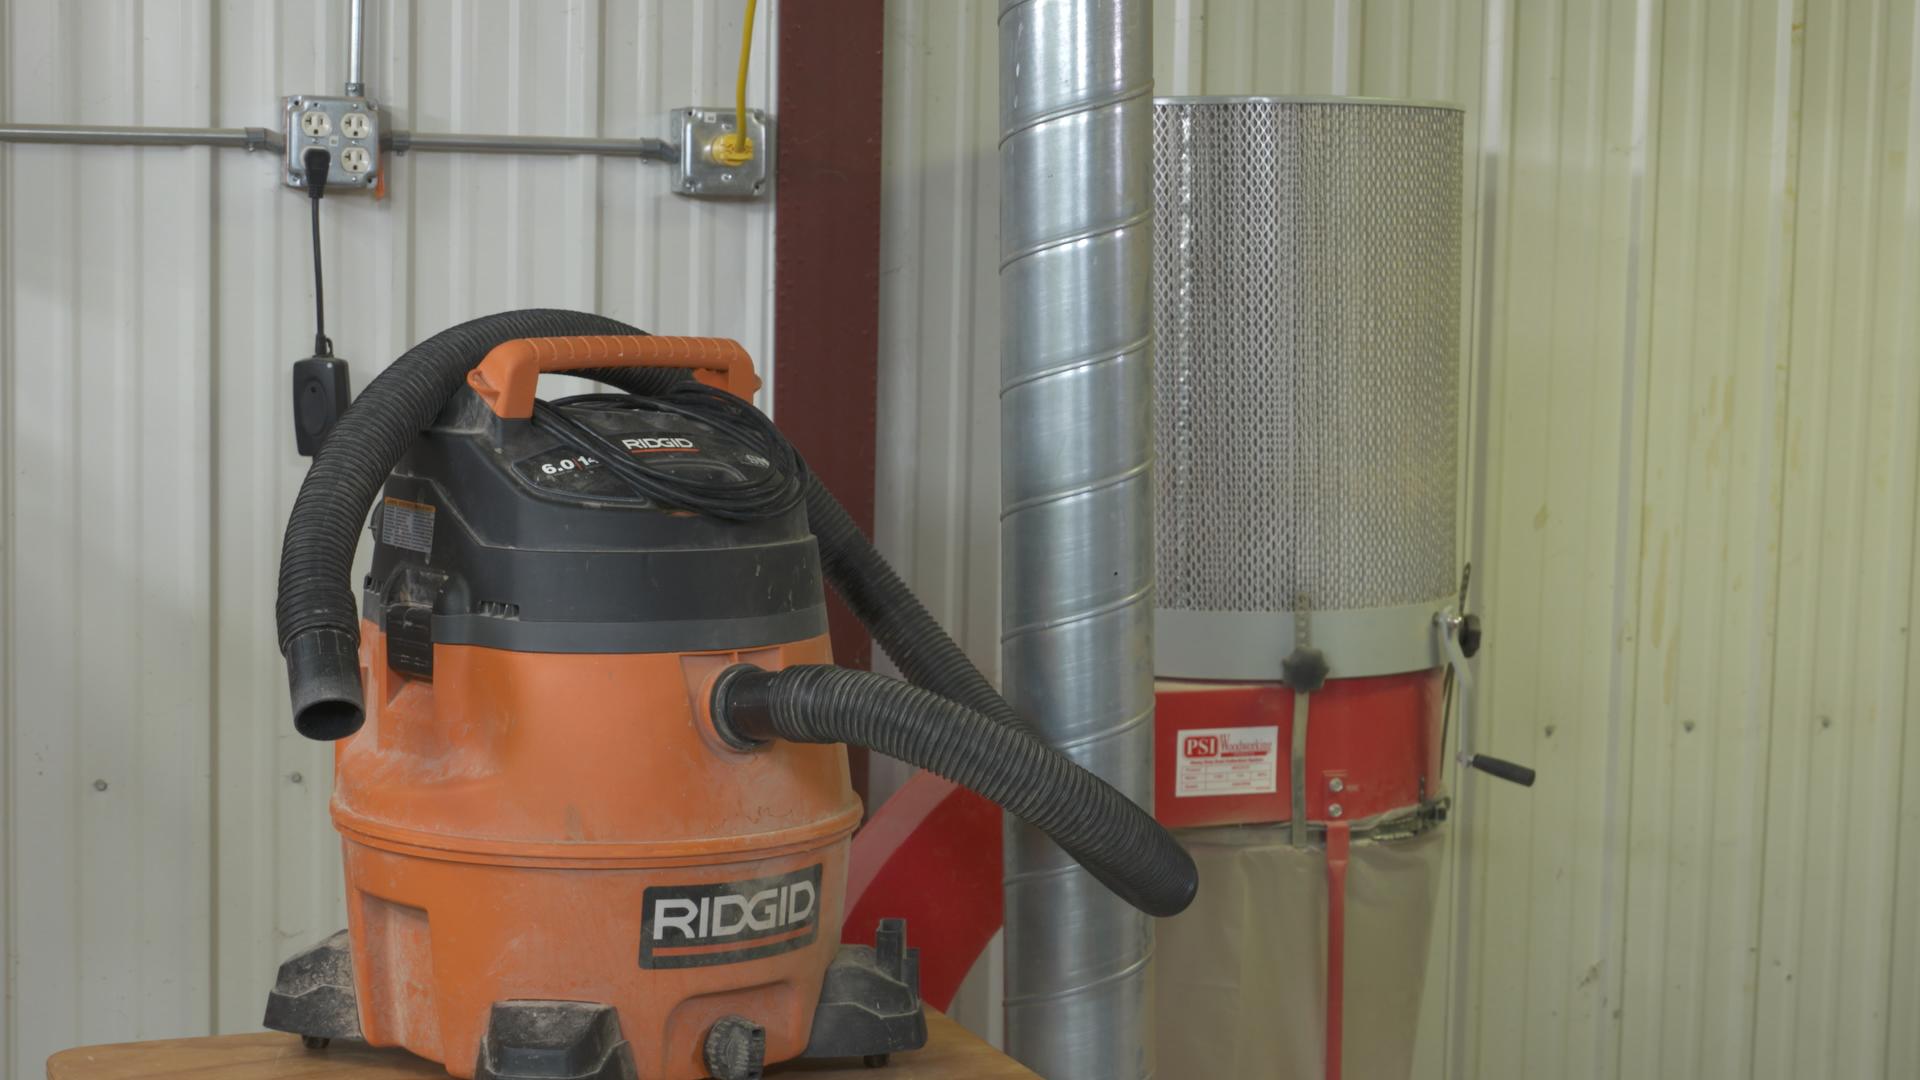 Shop Dust Collection: Shop Vacuum vs. Dust Collector